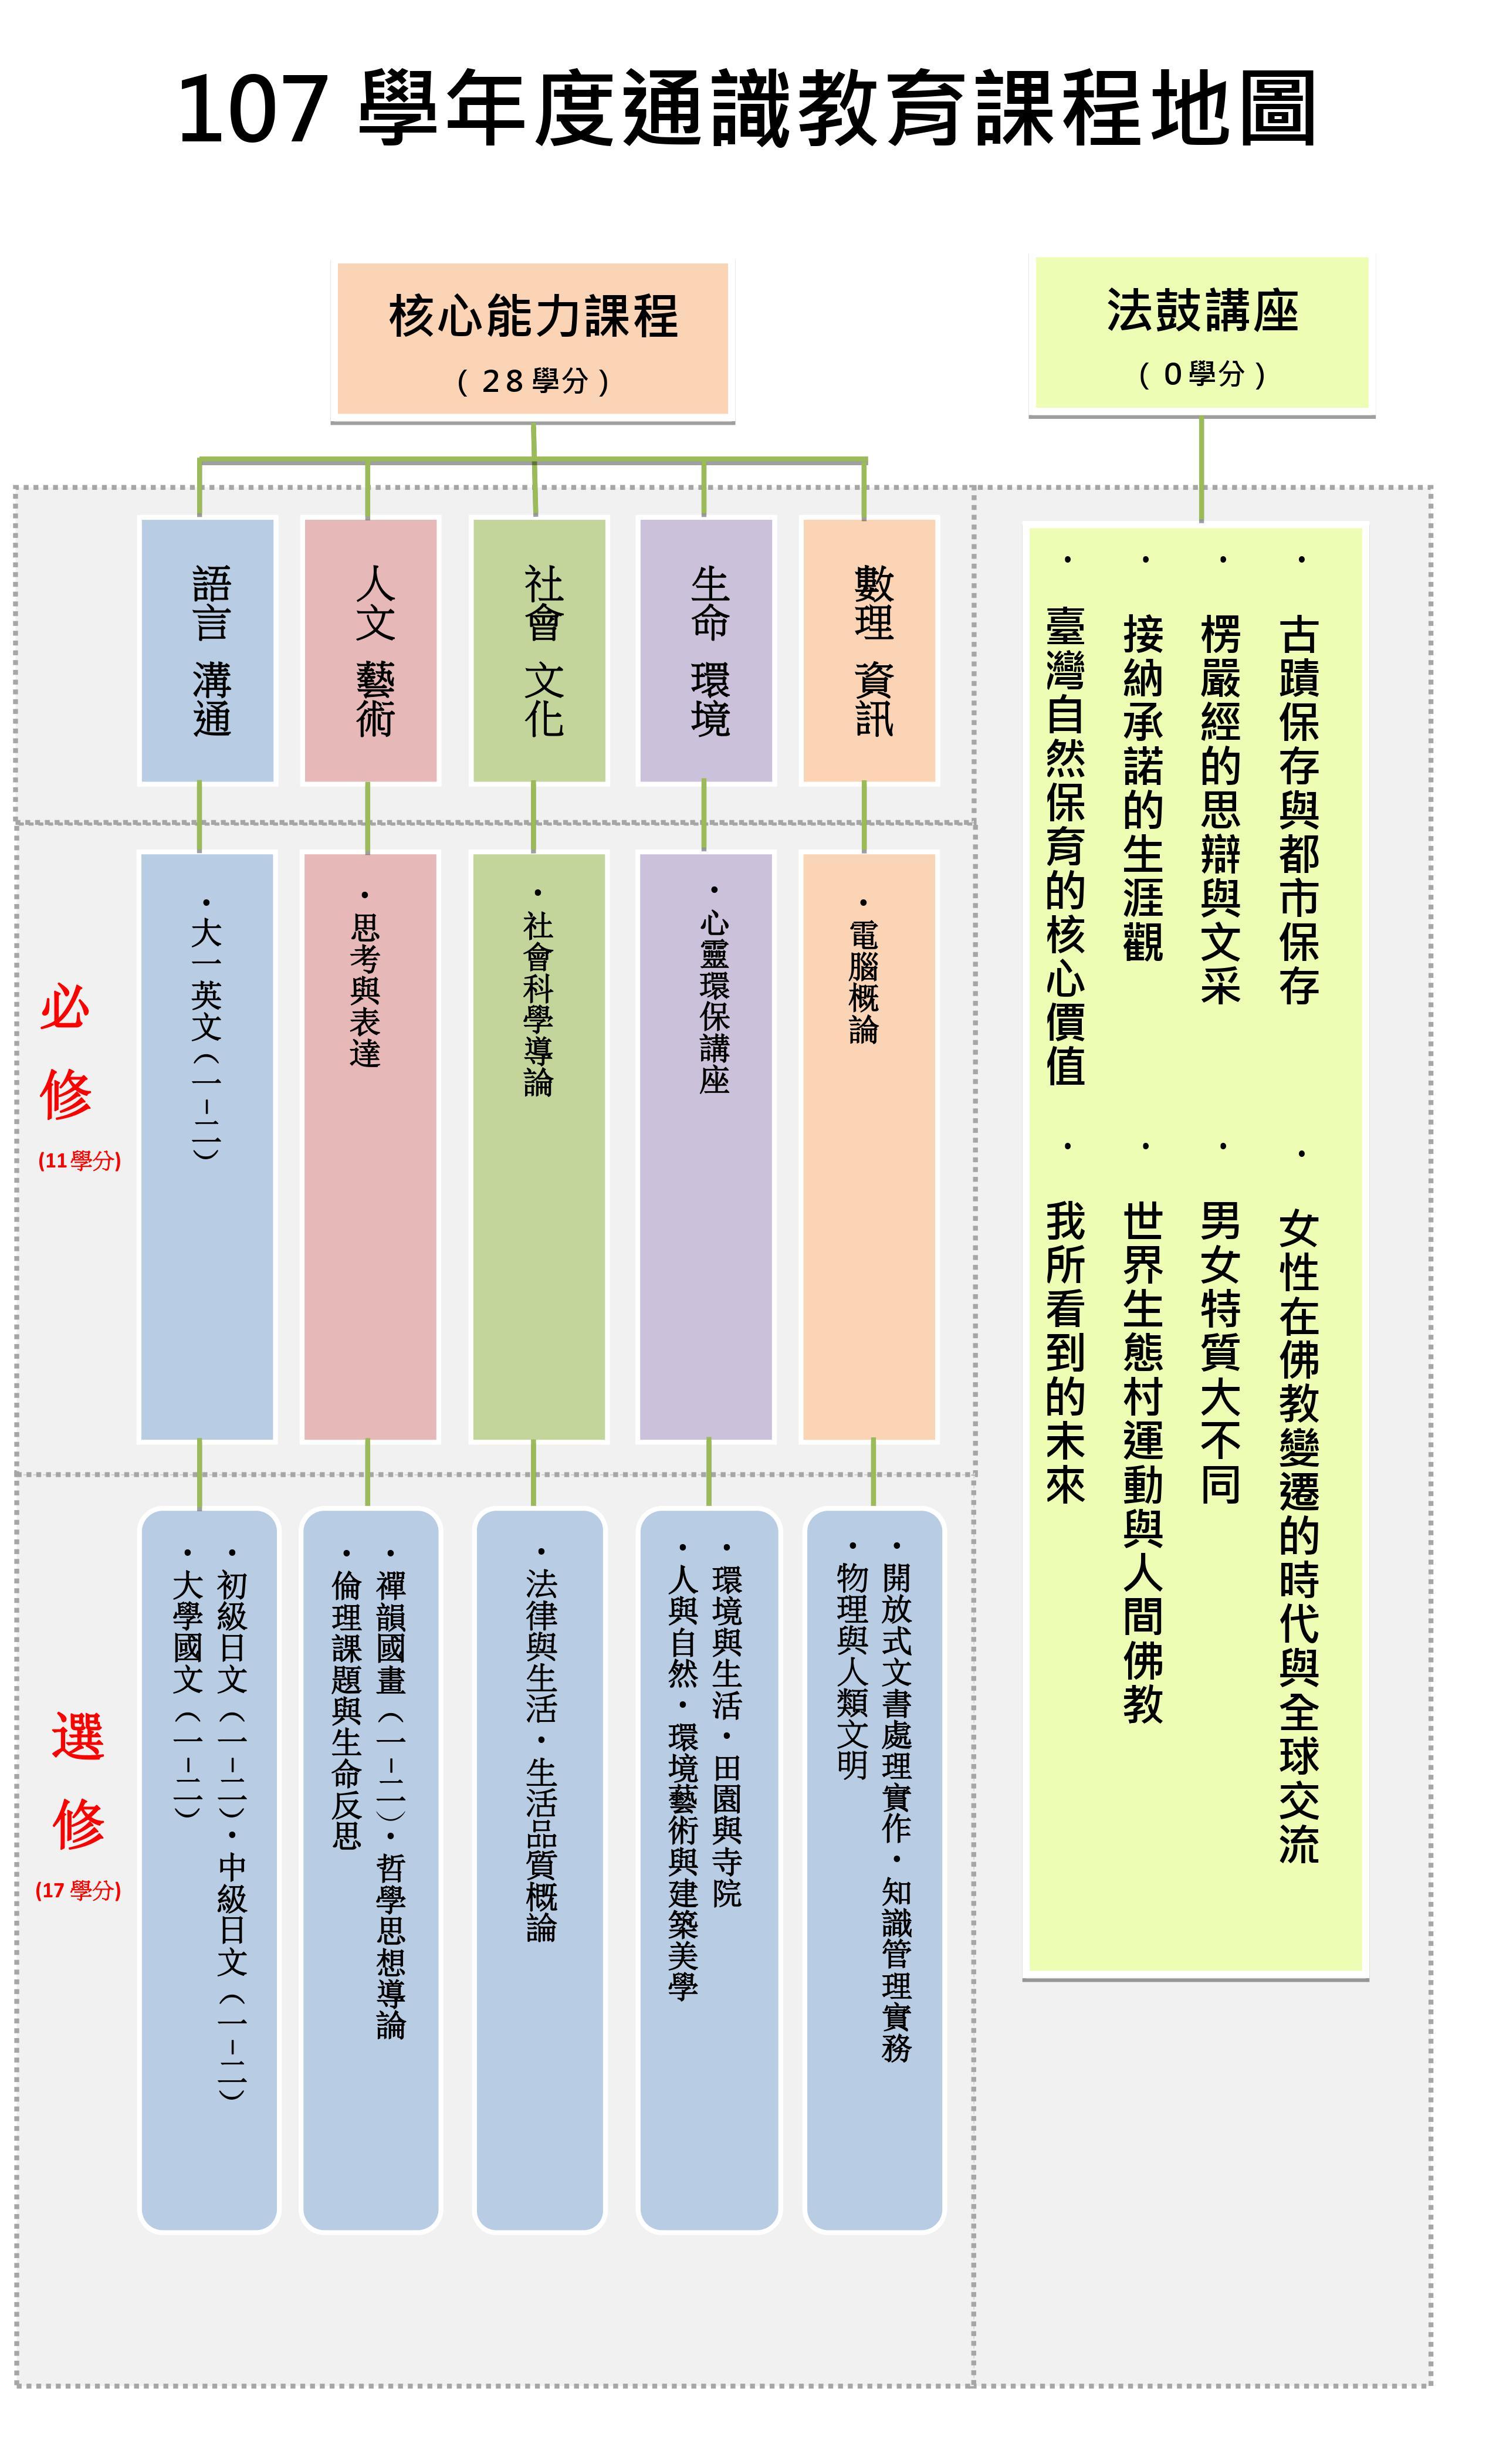 107 通識教育課程地圖